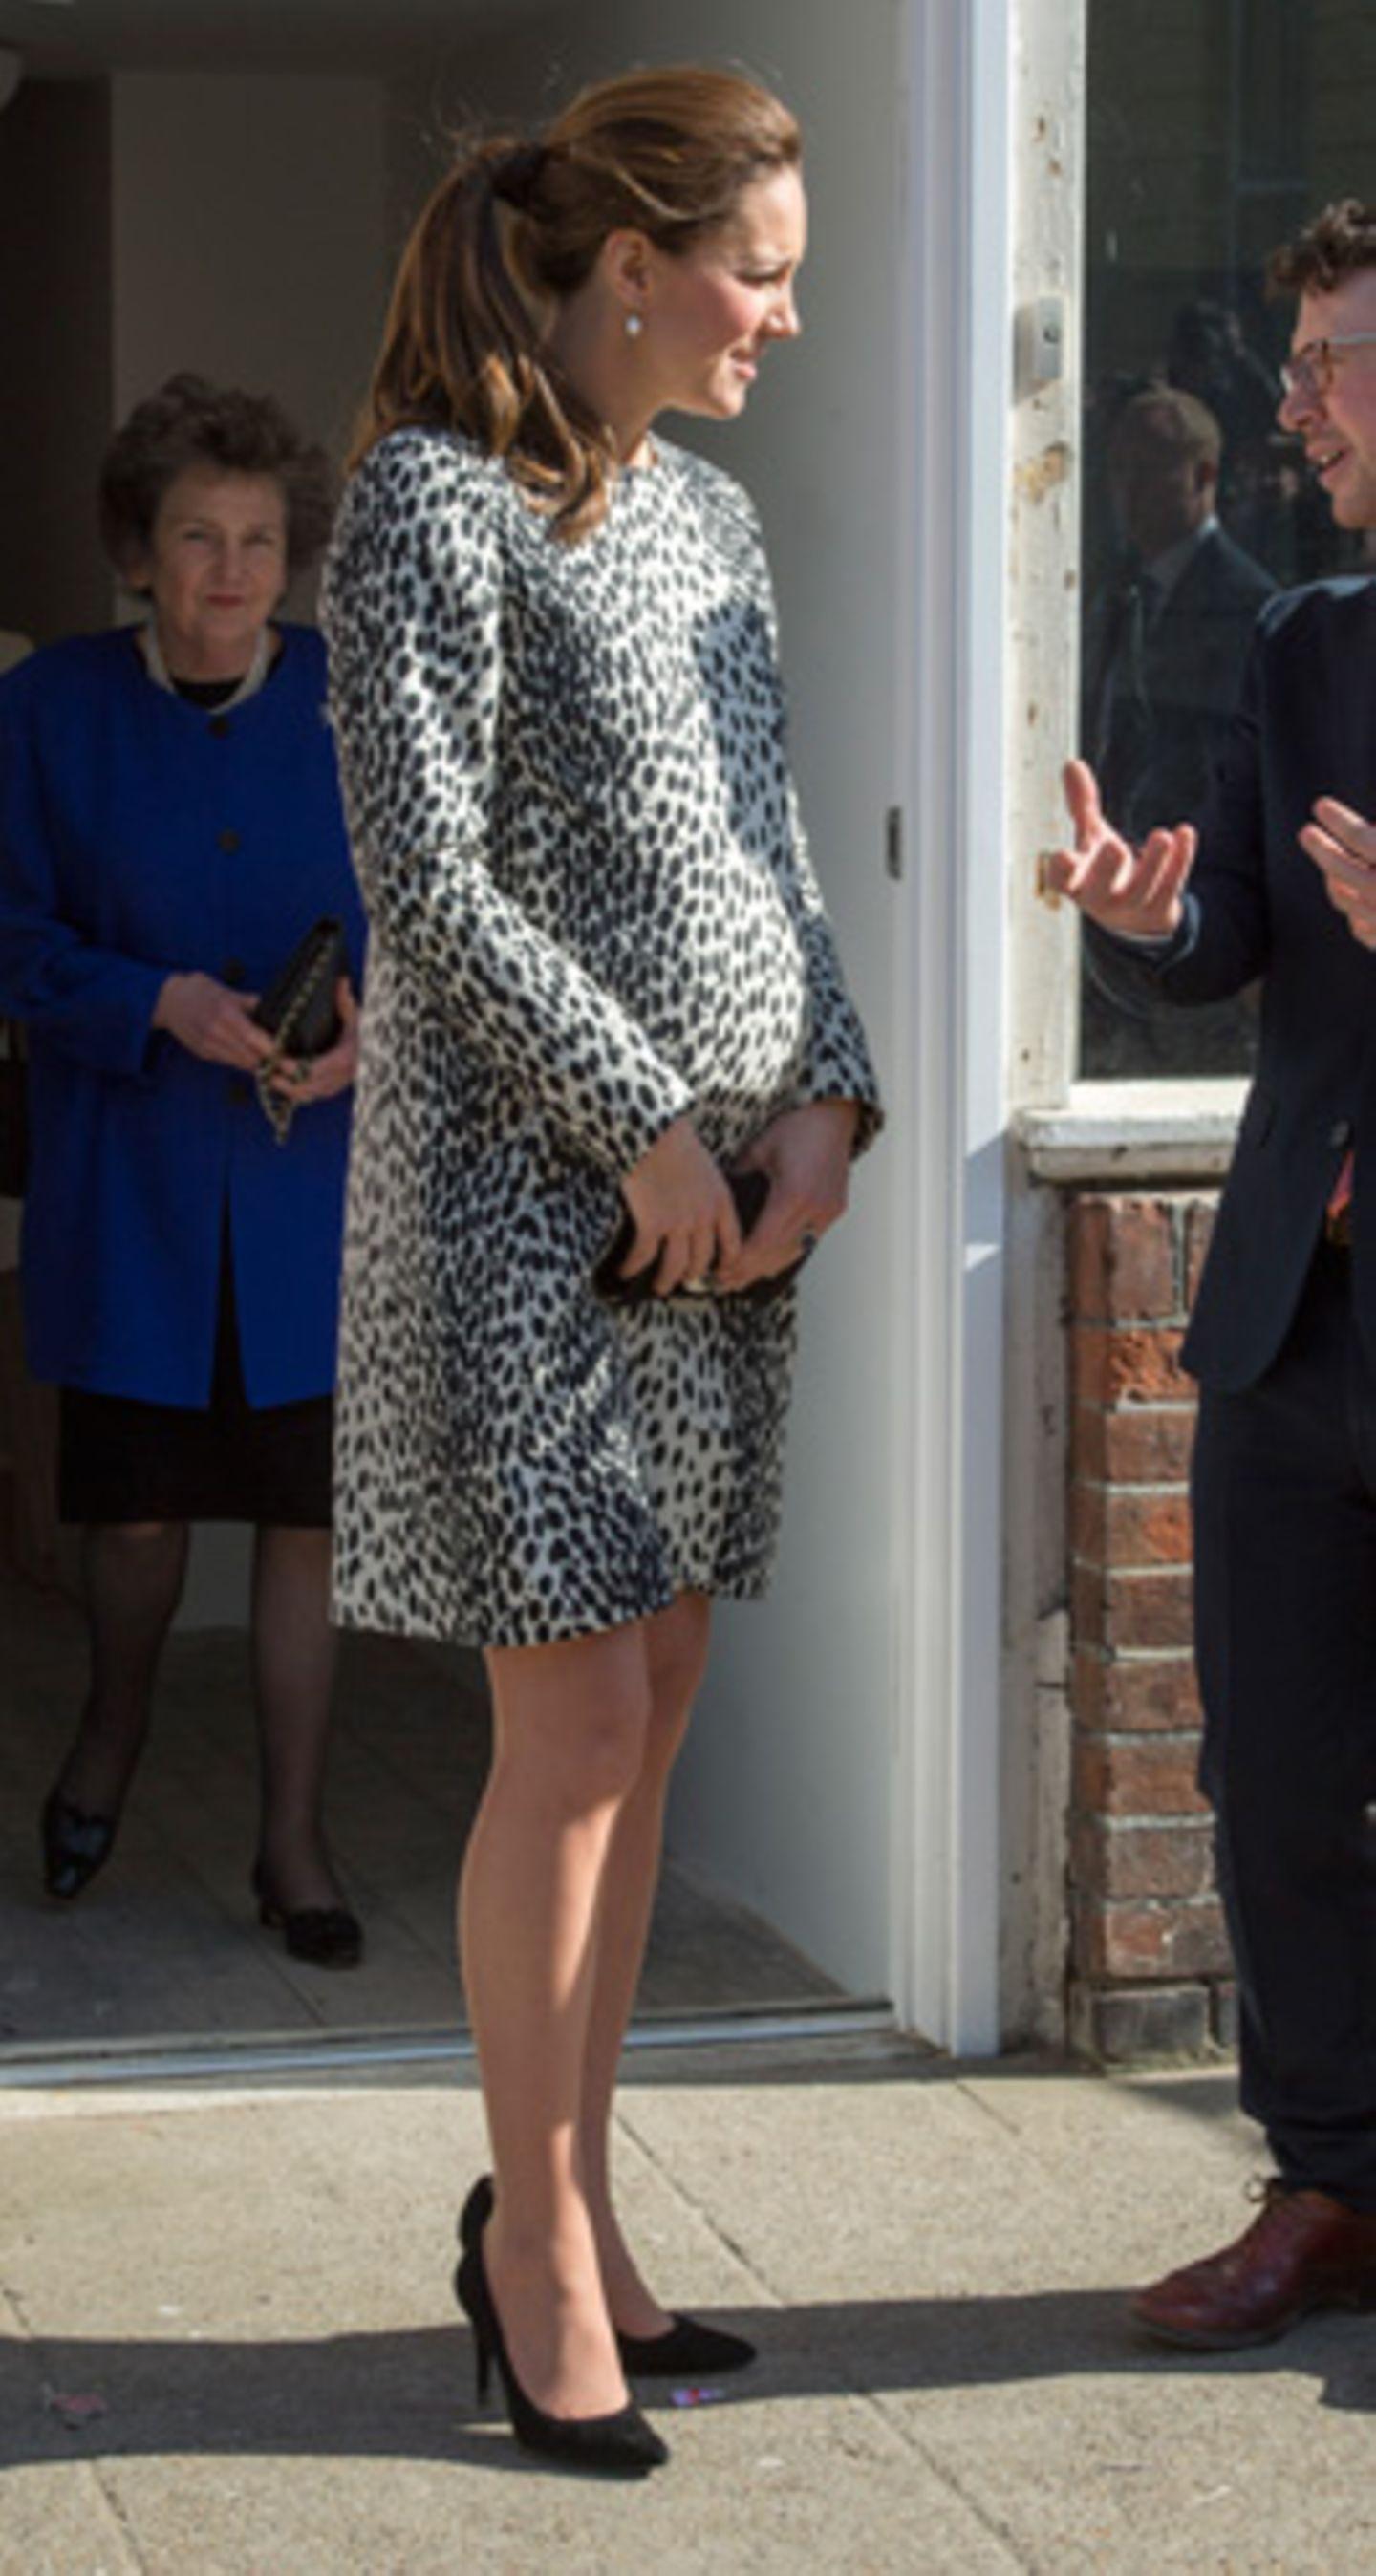 Kate Middleton, anders gesagt, Catherine Duchess of Cambridge, erwartet ihr zweites Kind. Im September gab das britische Königshaus die Schwangerschaft offiziell bekannt. Dank der internationalen Presse kann die ganze Welt den Fortschritt ihres Babybauchs – und Kate Middletons schicke Schwangerschafts-Looks – begutachten. Am 11. März 2015 trug die Duchess in Margate, England, ein Minikleid mit Animal-Print.